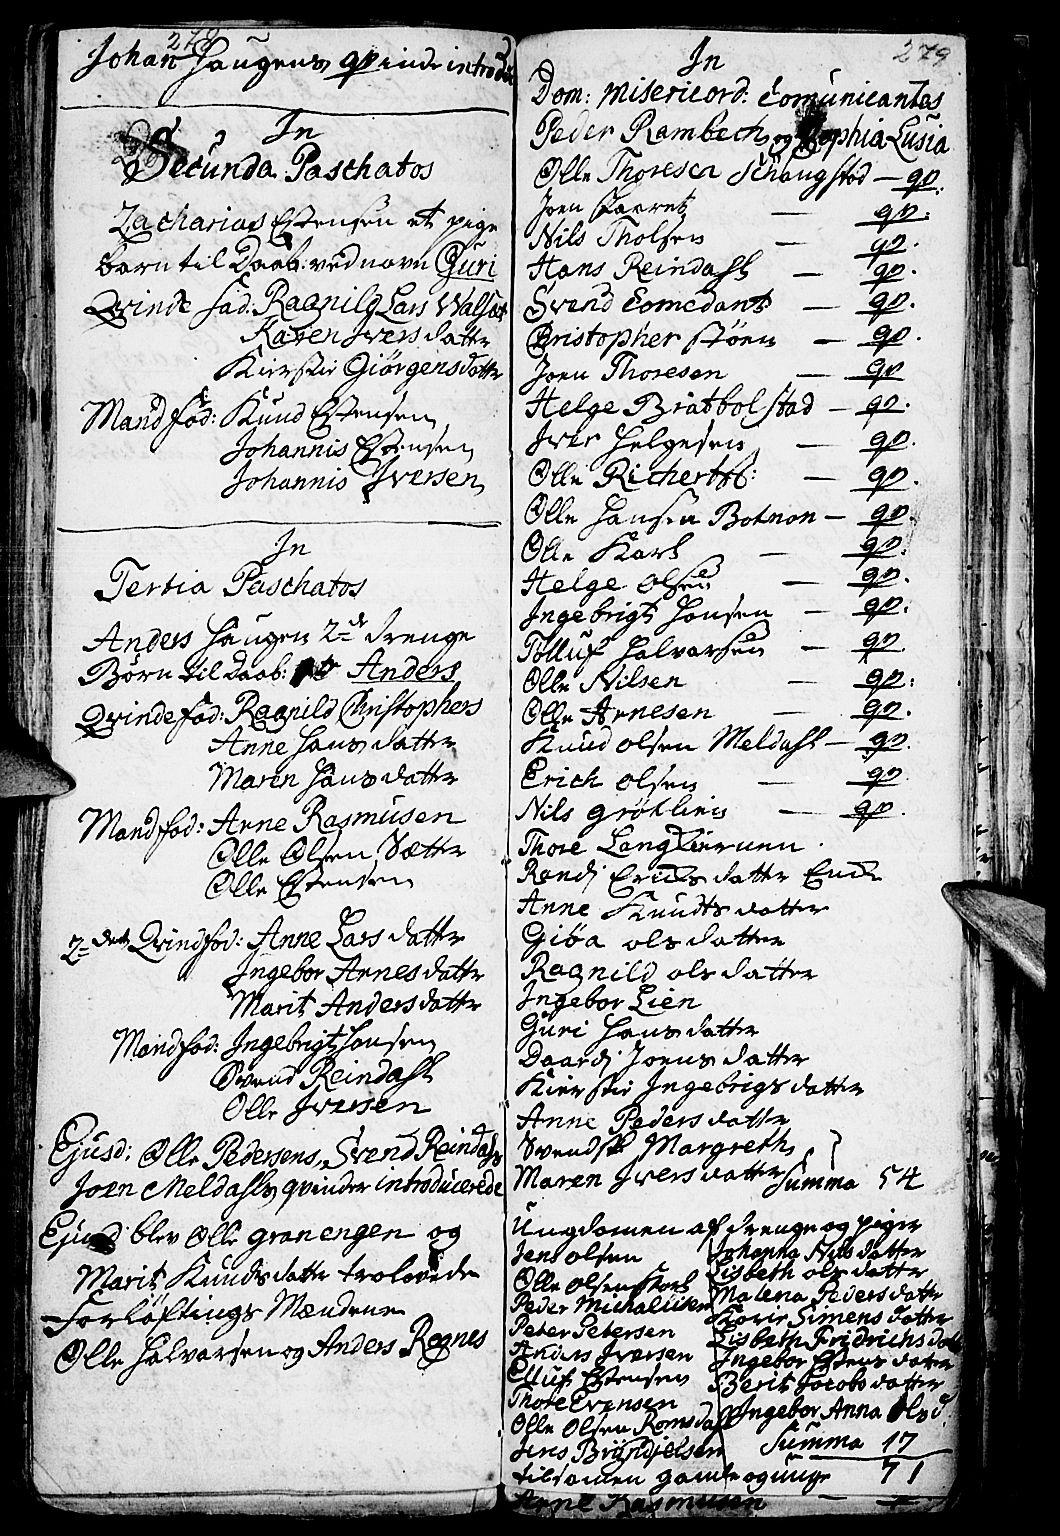 SAH, Kvikne prestekontor, Parish register (official) no. 1, 1740-1756, p. 278-279